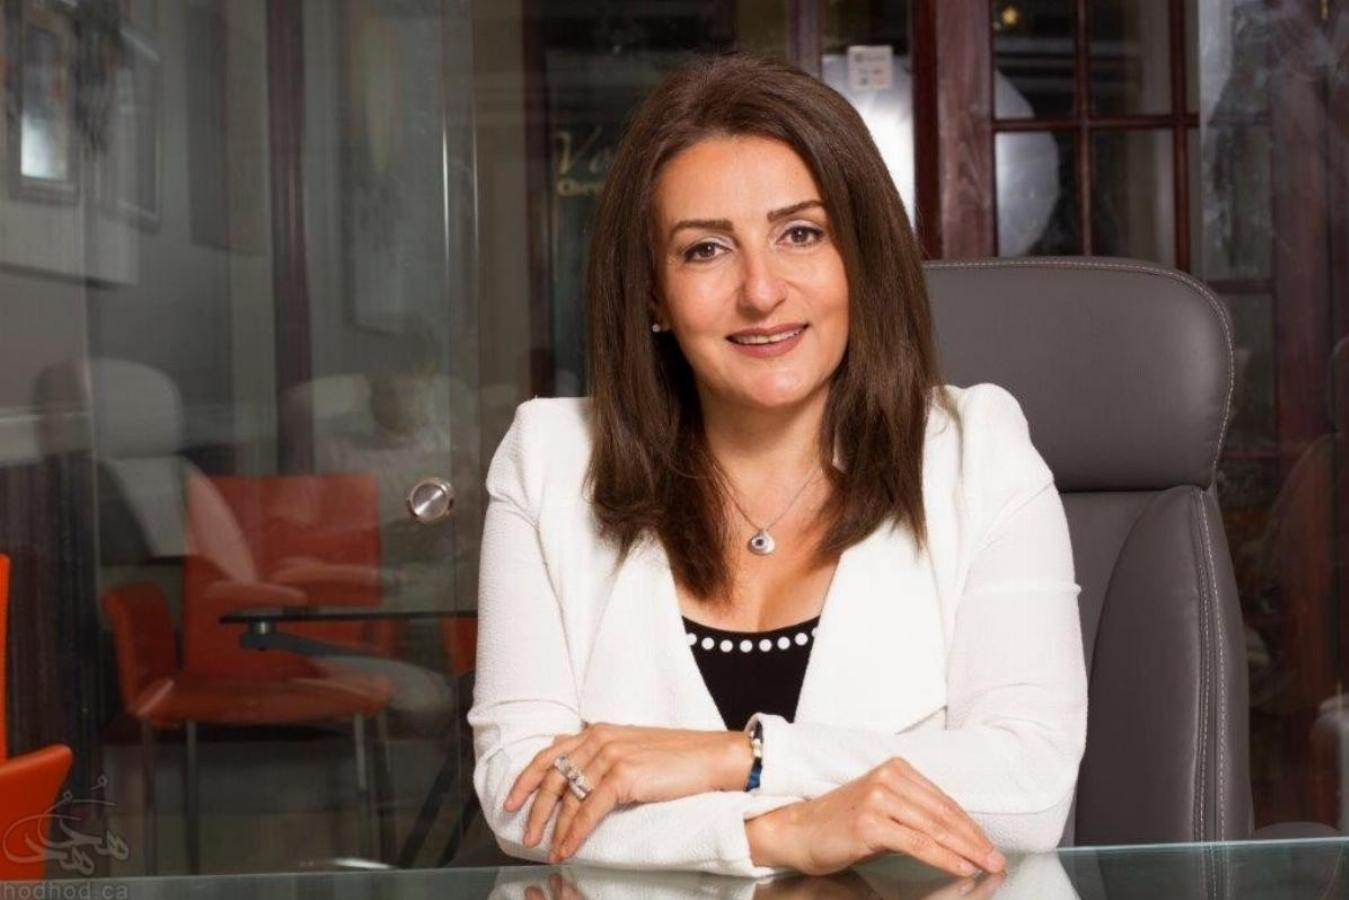 دکتر فریده نوریان: صبور باشیم، به هم اعتماد کنیم و همدیگر رو دوست داشته باشیم